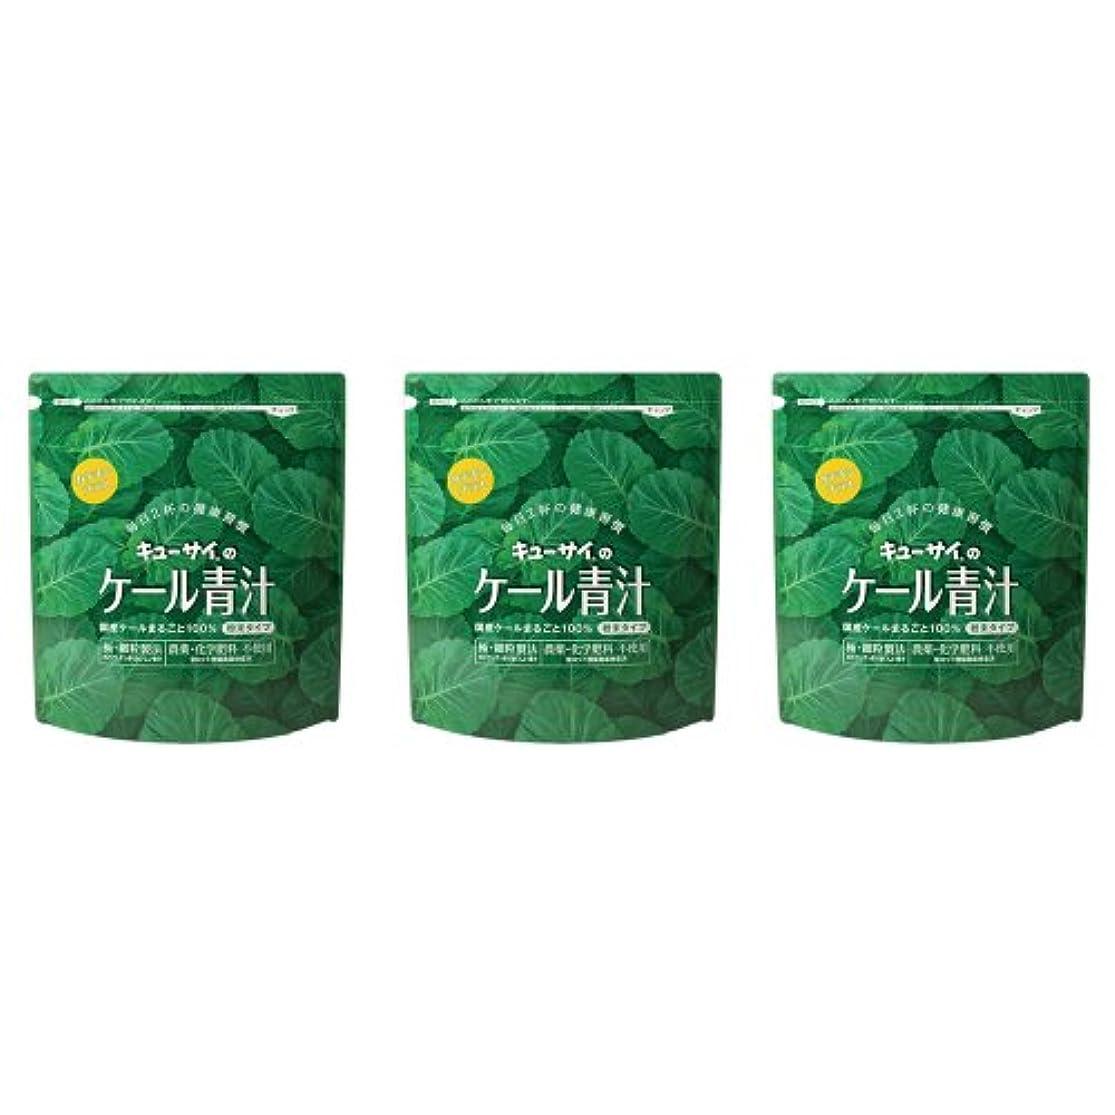 鎮静剤インポートパイルキューサイ ケール青汁(粉末タイプ)カテキンプラス 420g 3袋